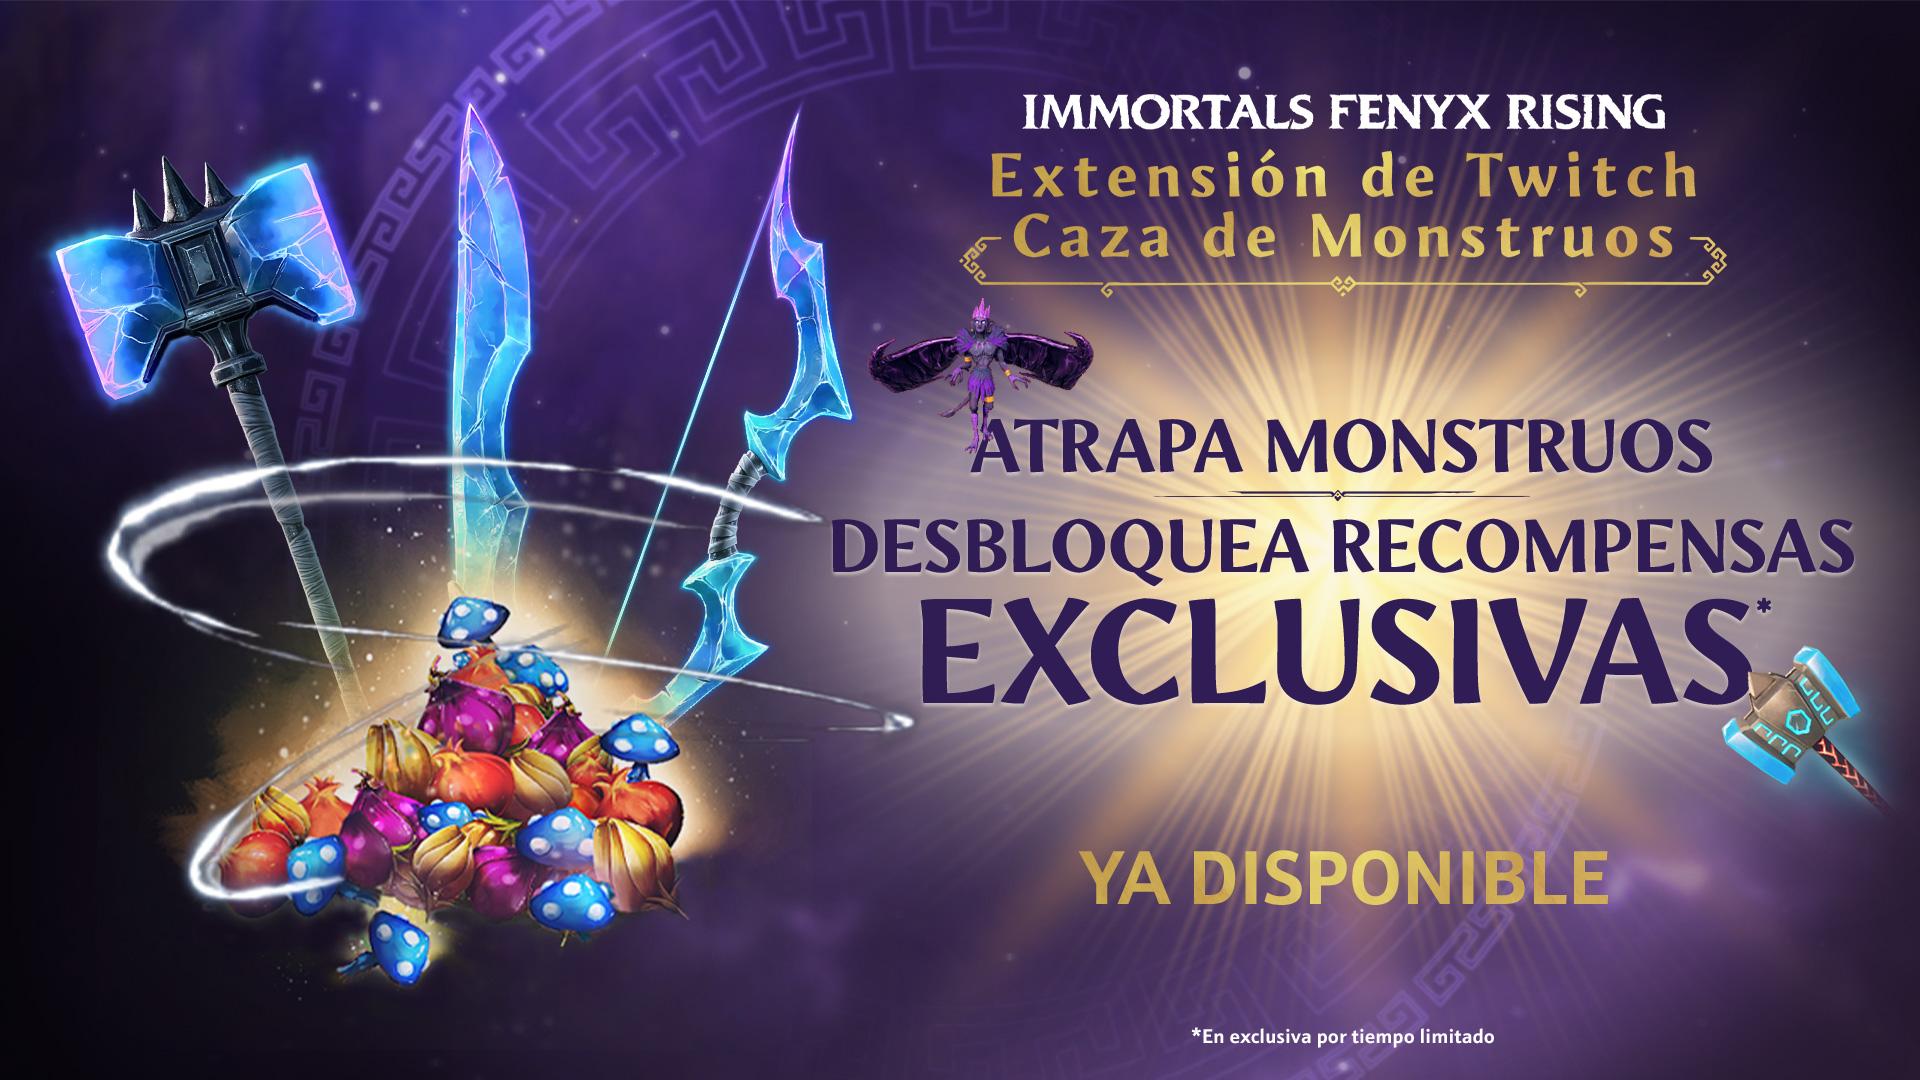 Monster Hunt, la nueva extensión de Twitch para Immortals Fenyx Rising.